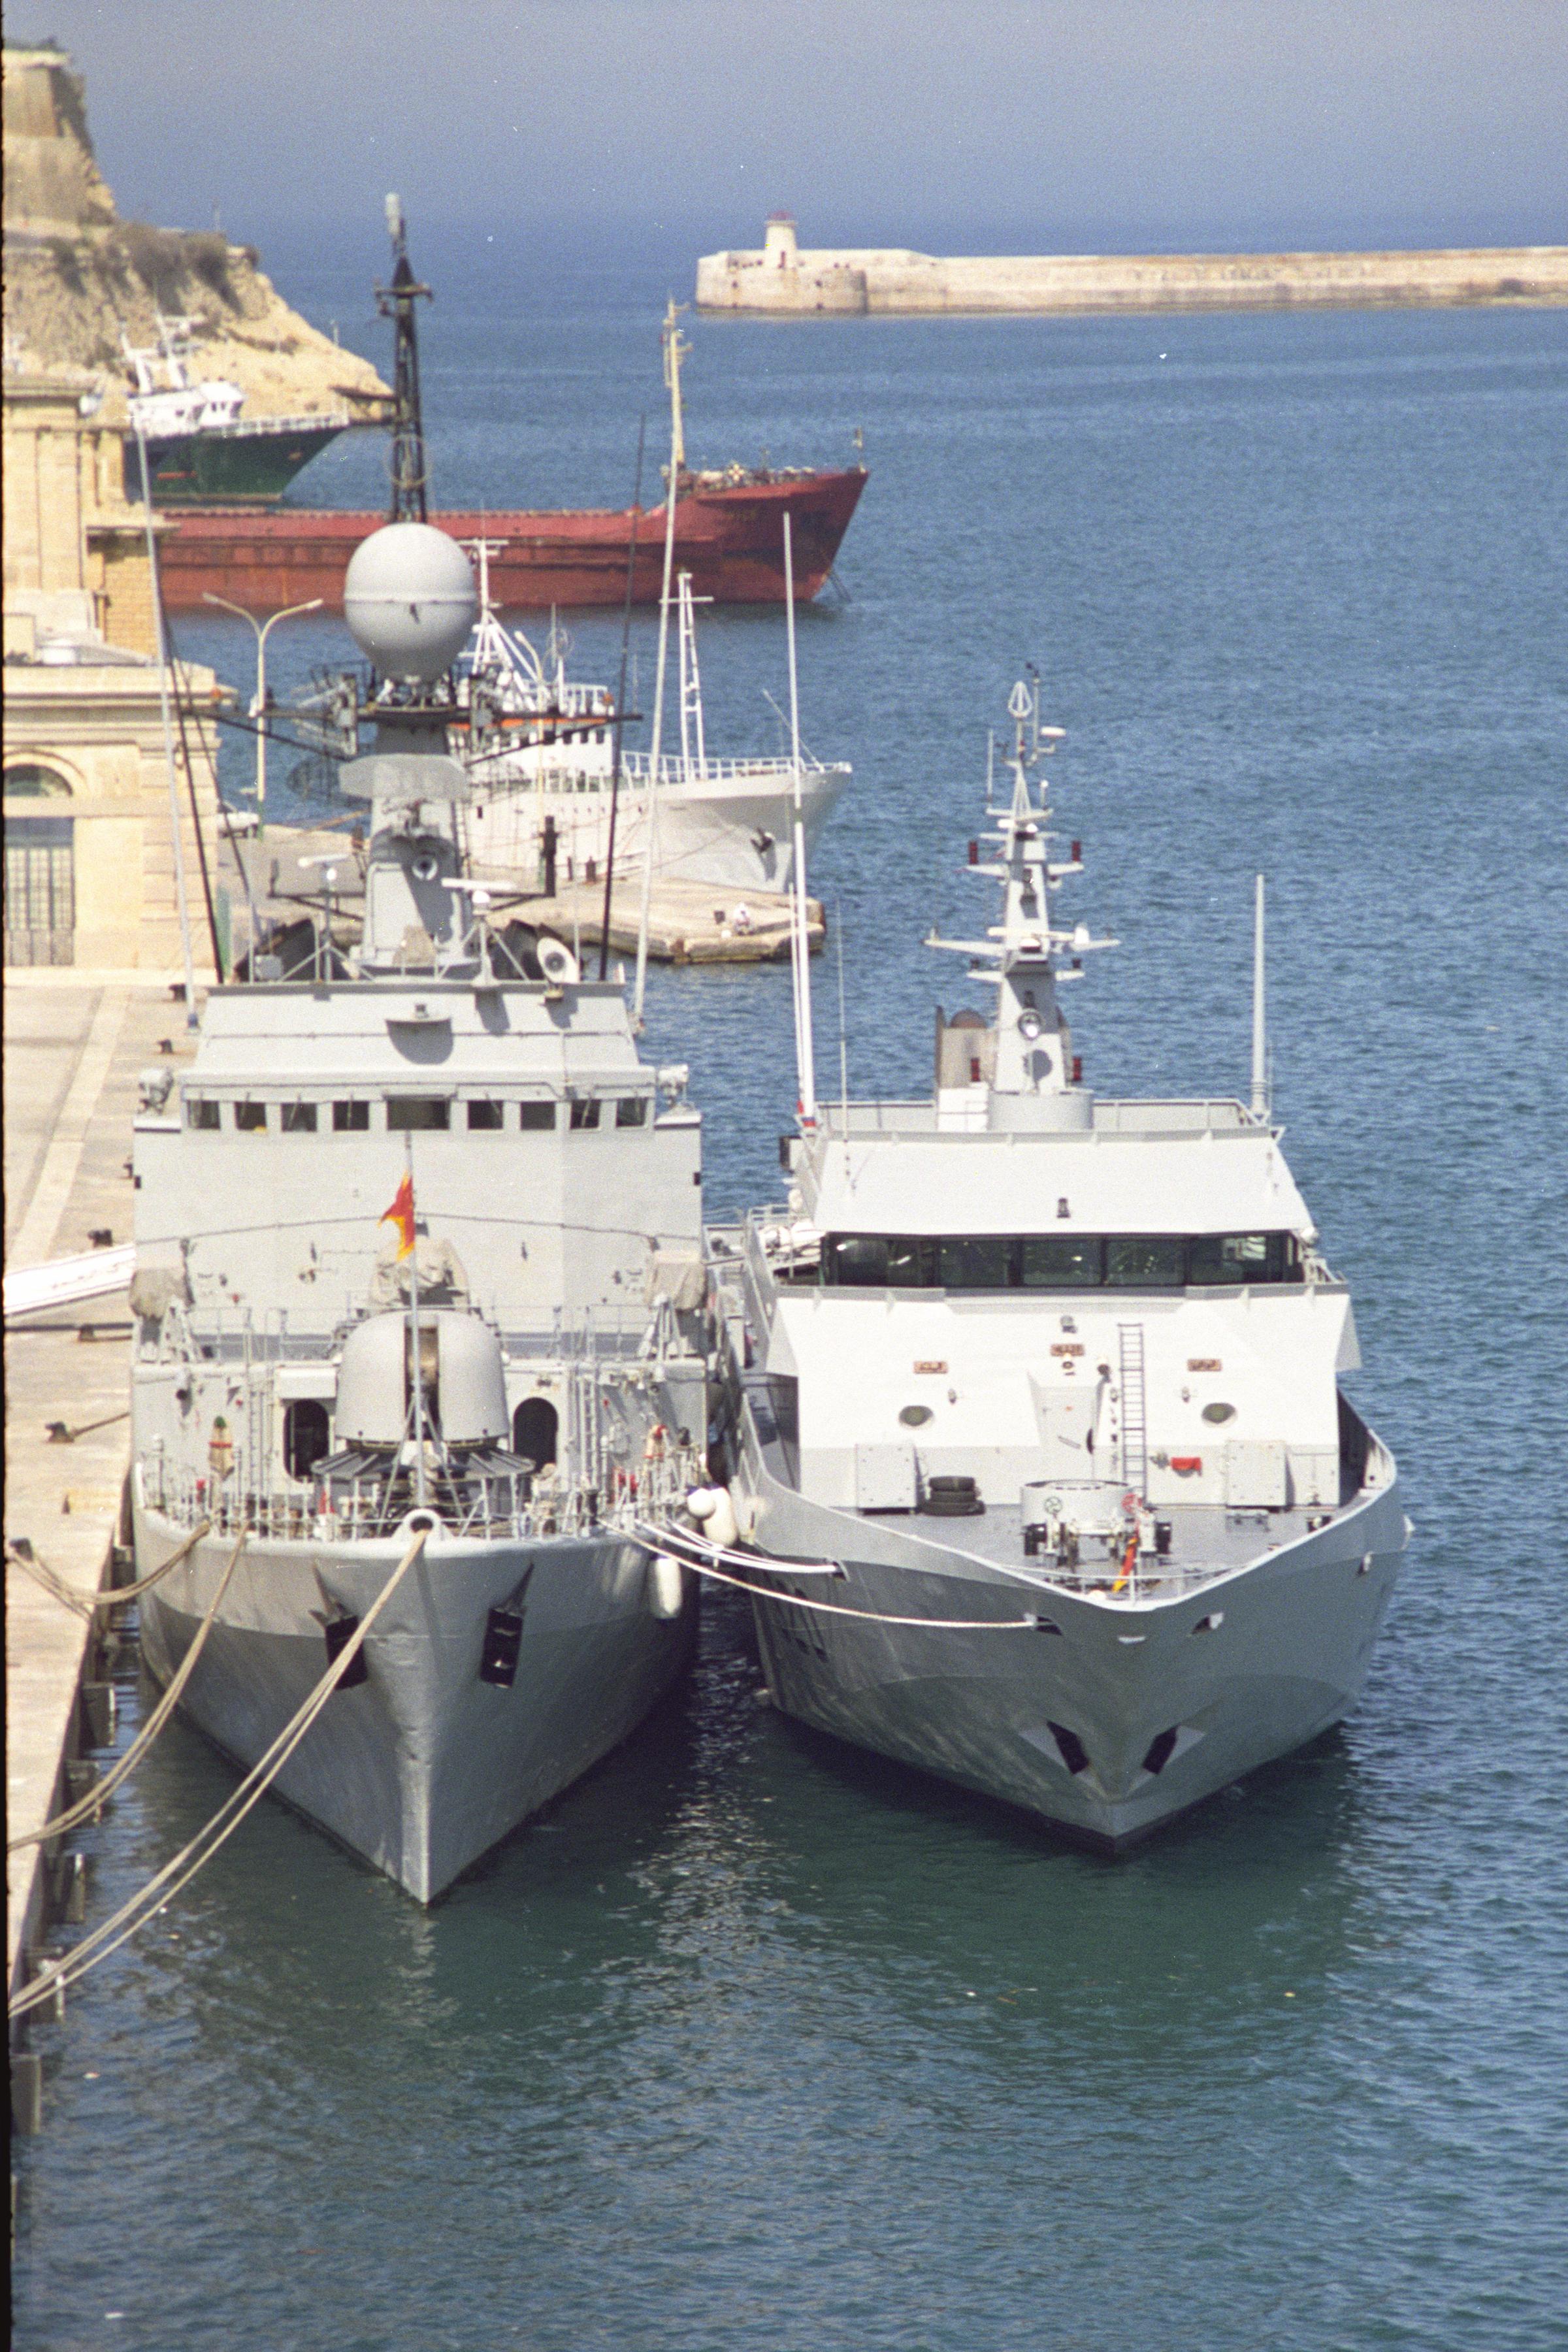 Royal Moroccan Navy Descubierta Frigate / Patrouilleur Océanique Lt Cl Errahmani - Bâtiment École - Page 3 24685164480_bffd01147a_o